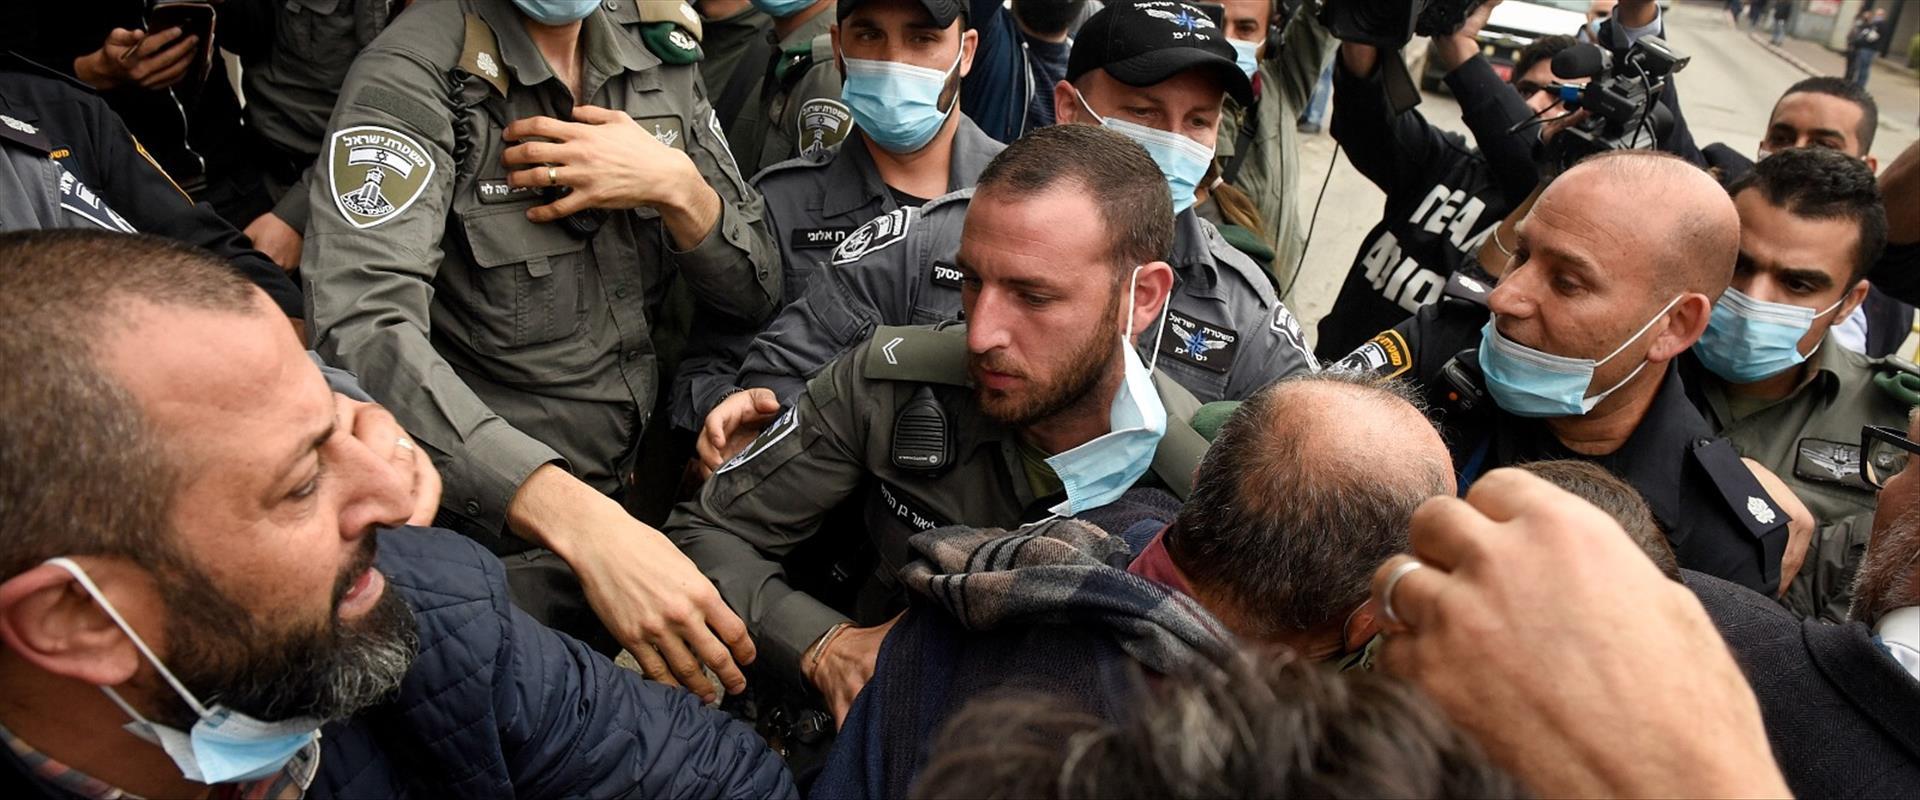 עימותים בהפגנה אתמול לפני הצהרת נתניהו בנצרת